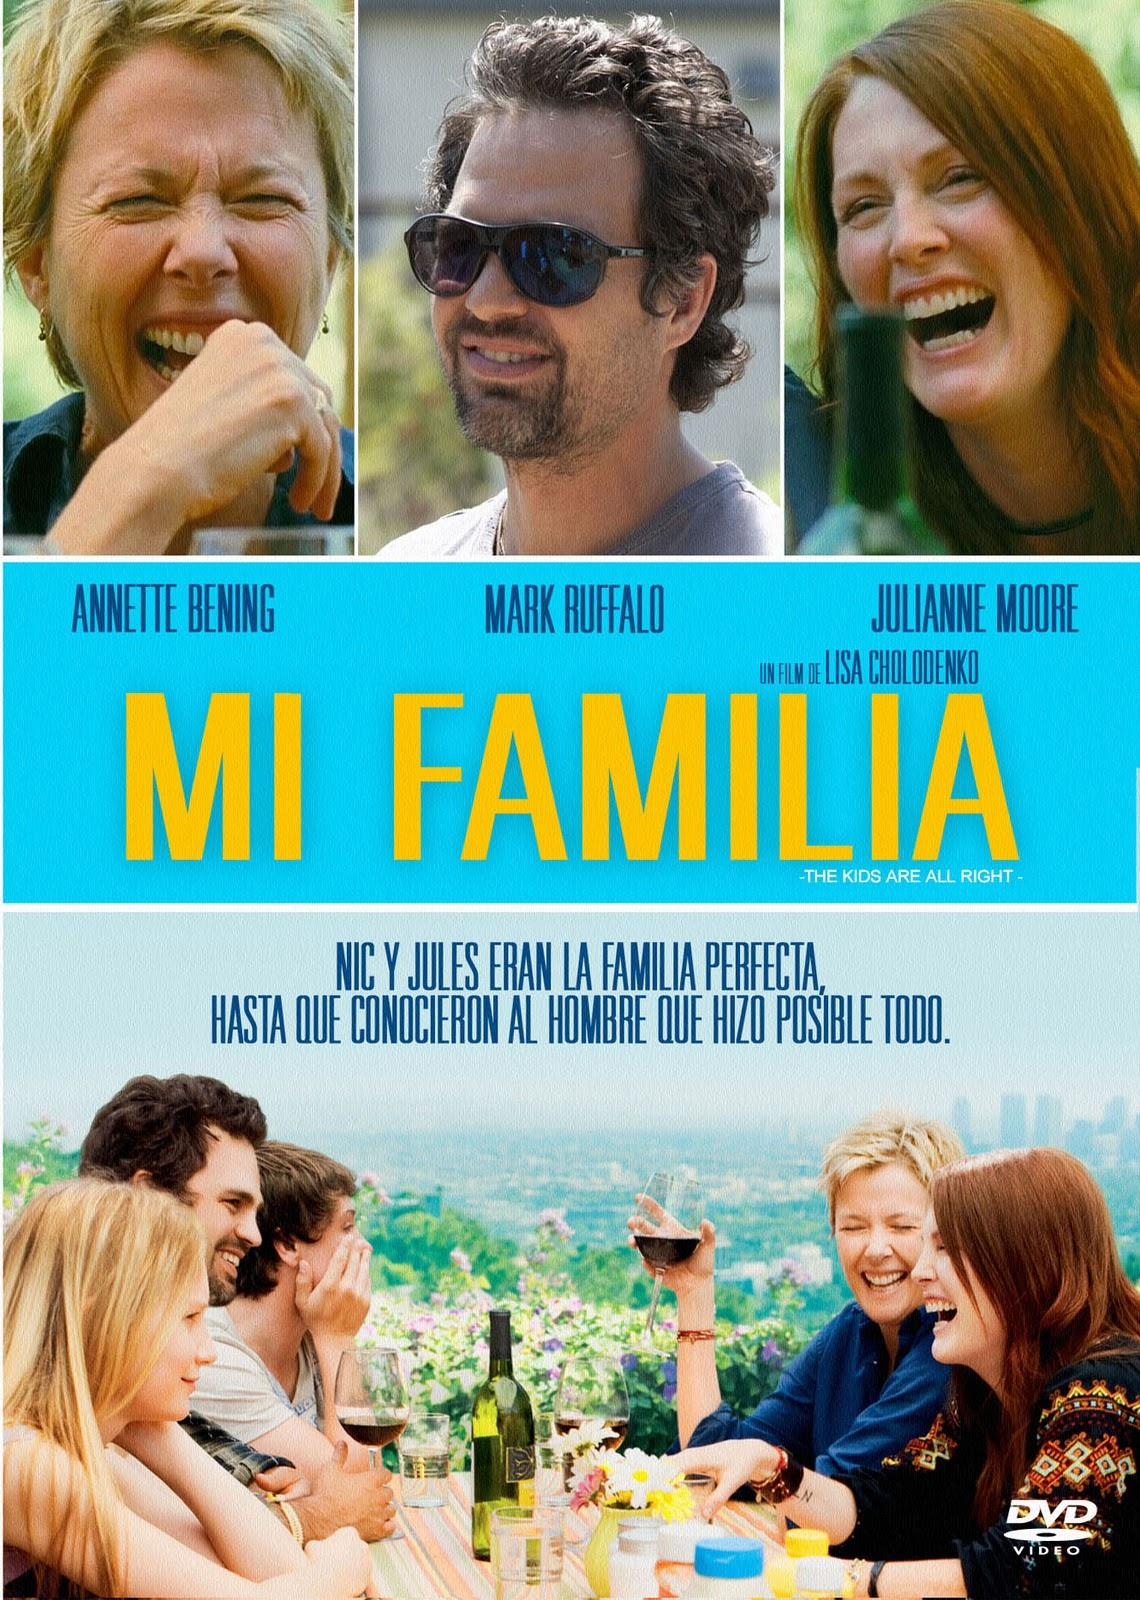 http://4.bp.blogspot.com/-xuiaMP00-ZU/Th8-LVpUUTI/AAAAAAAAAV0/6JGqA67qPLk/s1600/Mi+familia.+portada.jpg